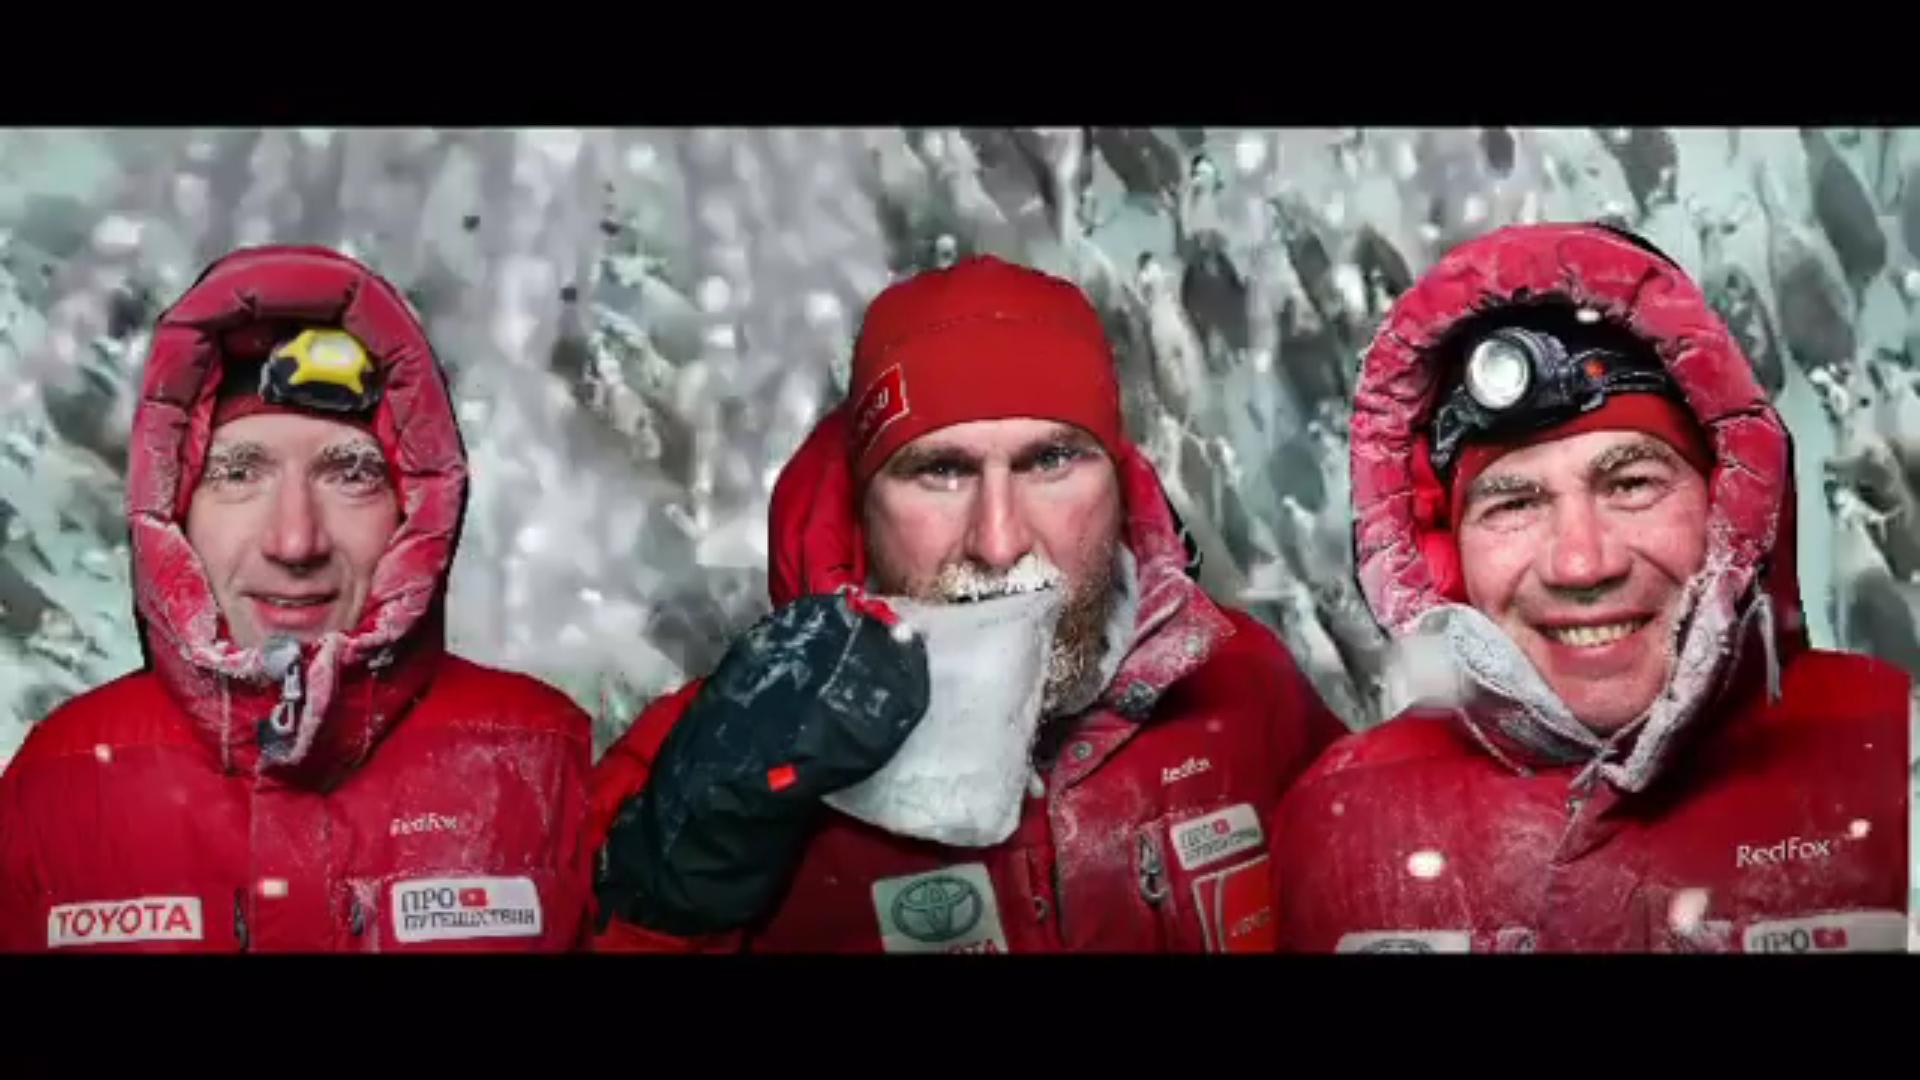 Ярославский арктический блогер отправляется в автомобильную экспедицию «Через полюс холода»